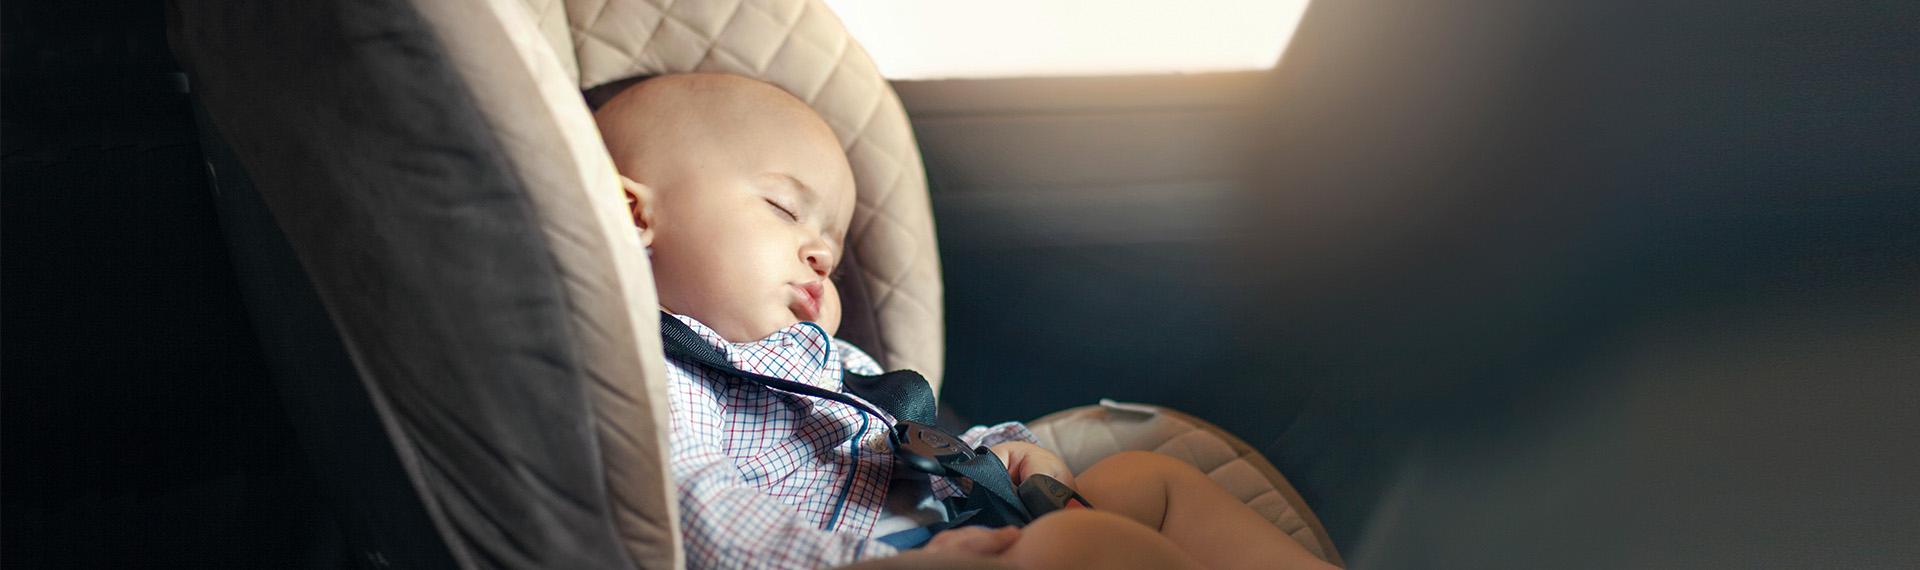 Schlafendes Kleinkind Auto